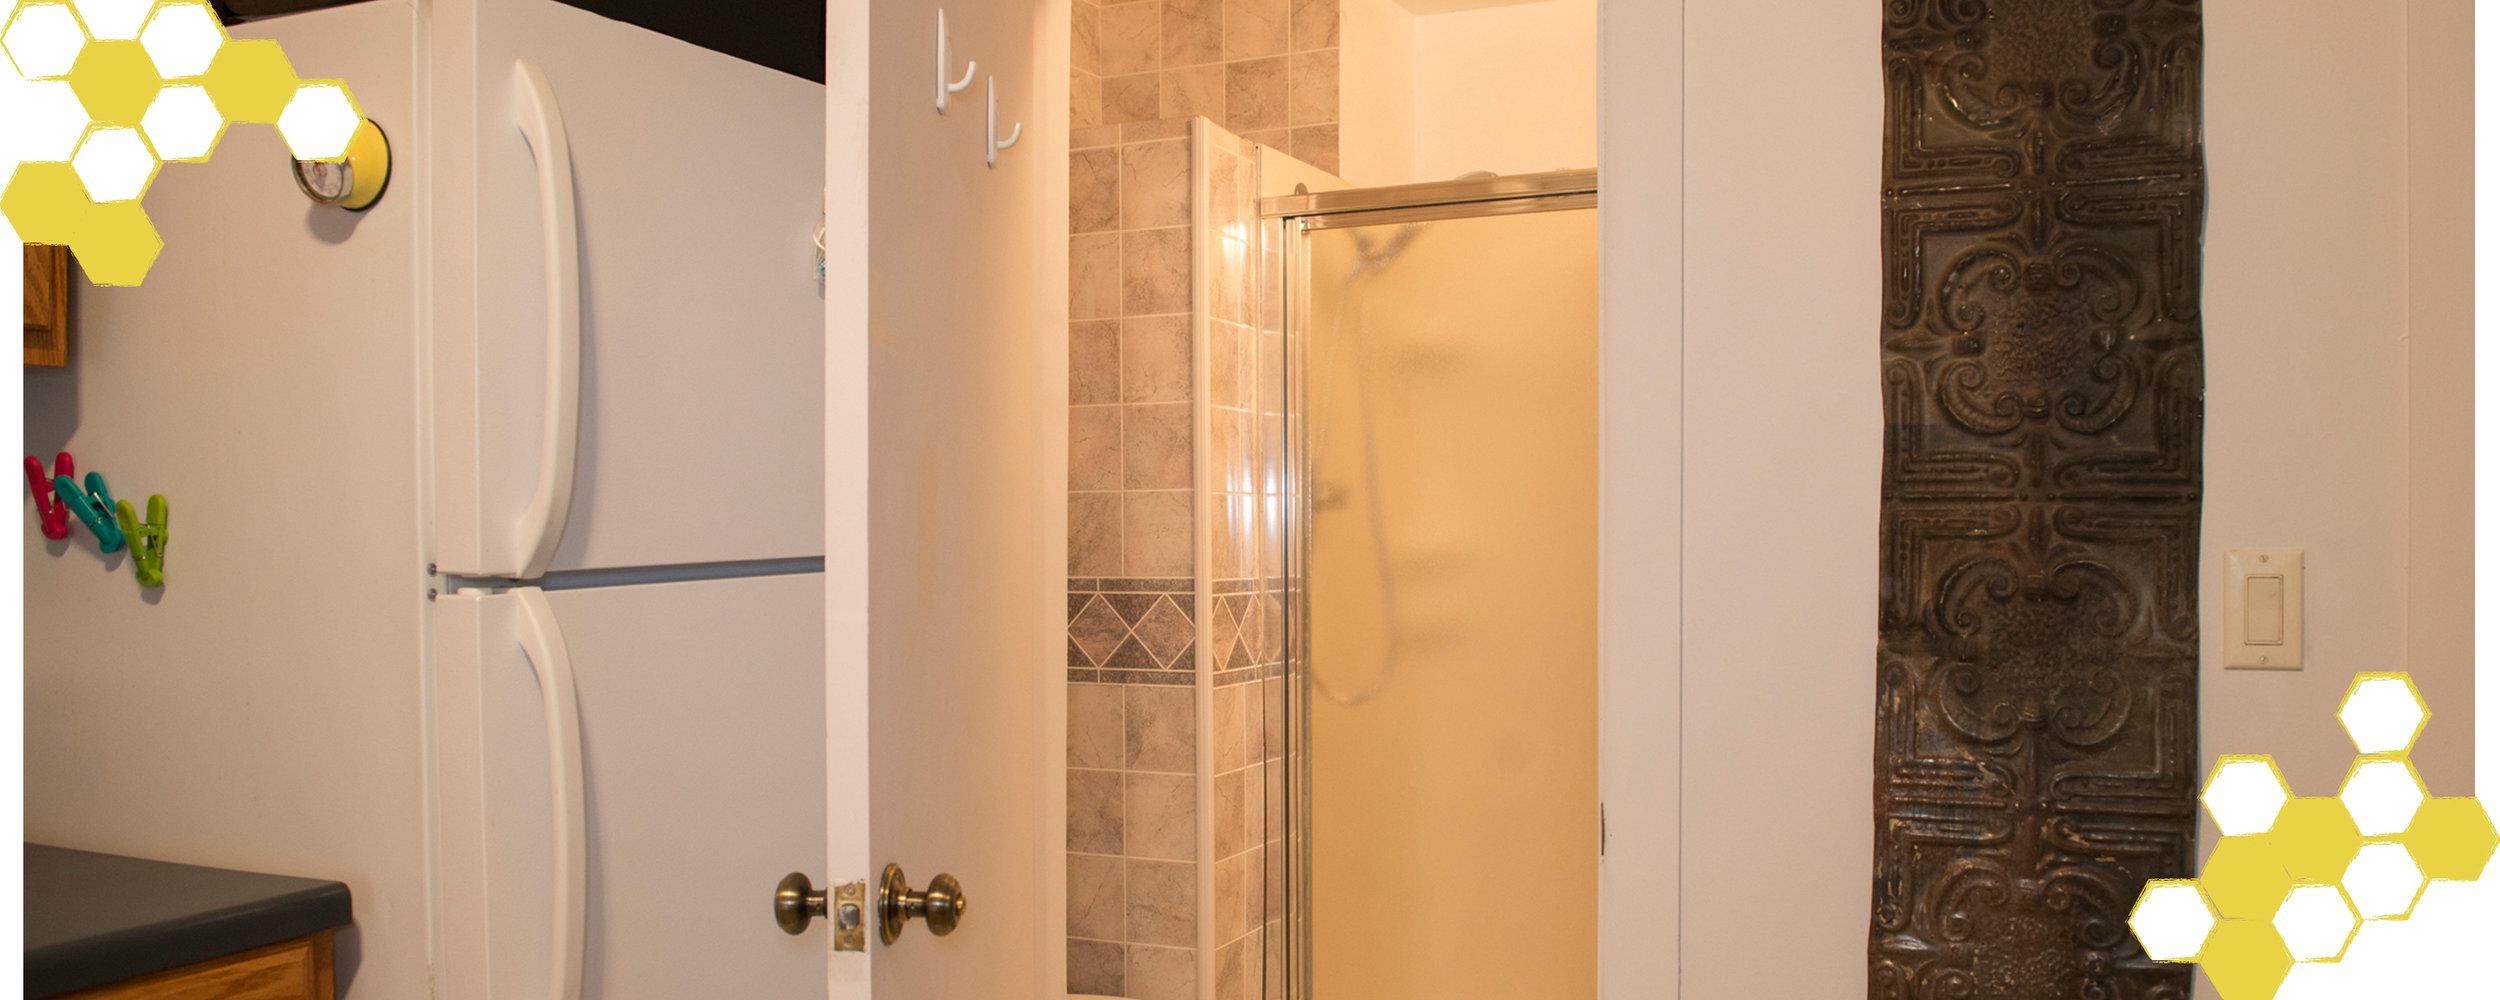 Sliders-BeesKnees-Bathroom1.jpg